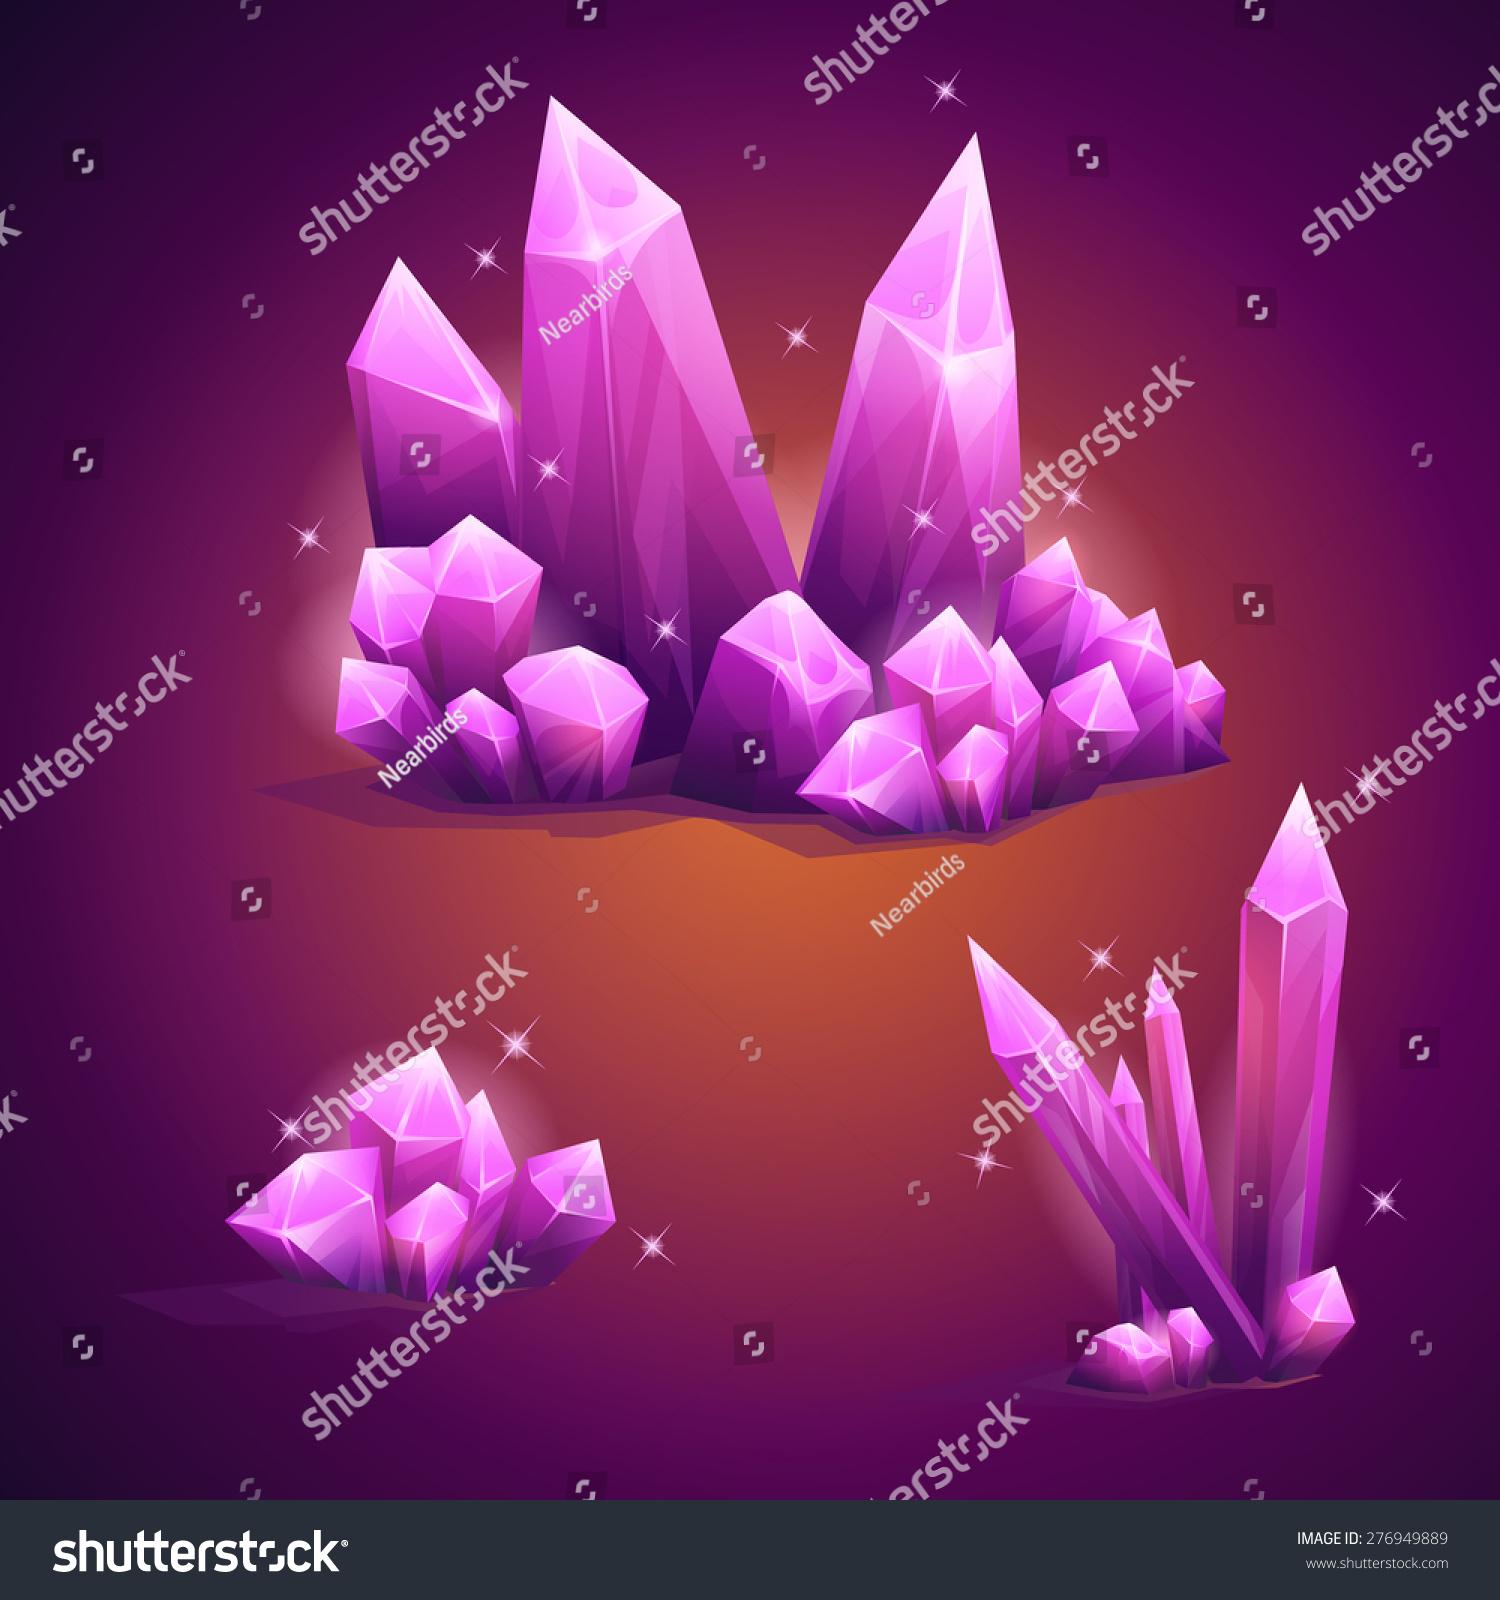 形状各异的魔法水晶-背景/素材